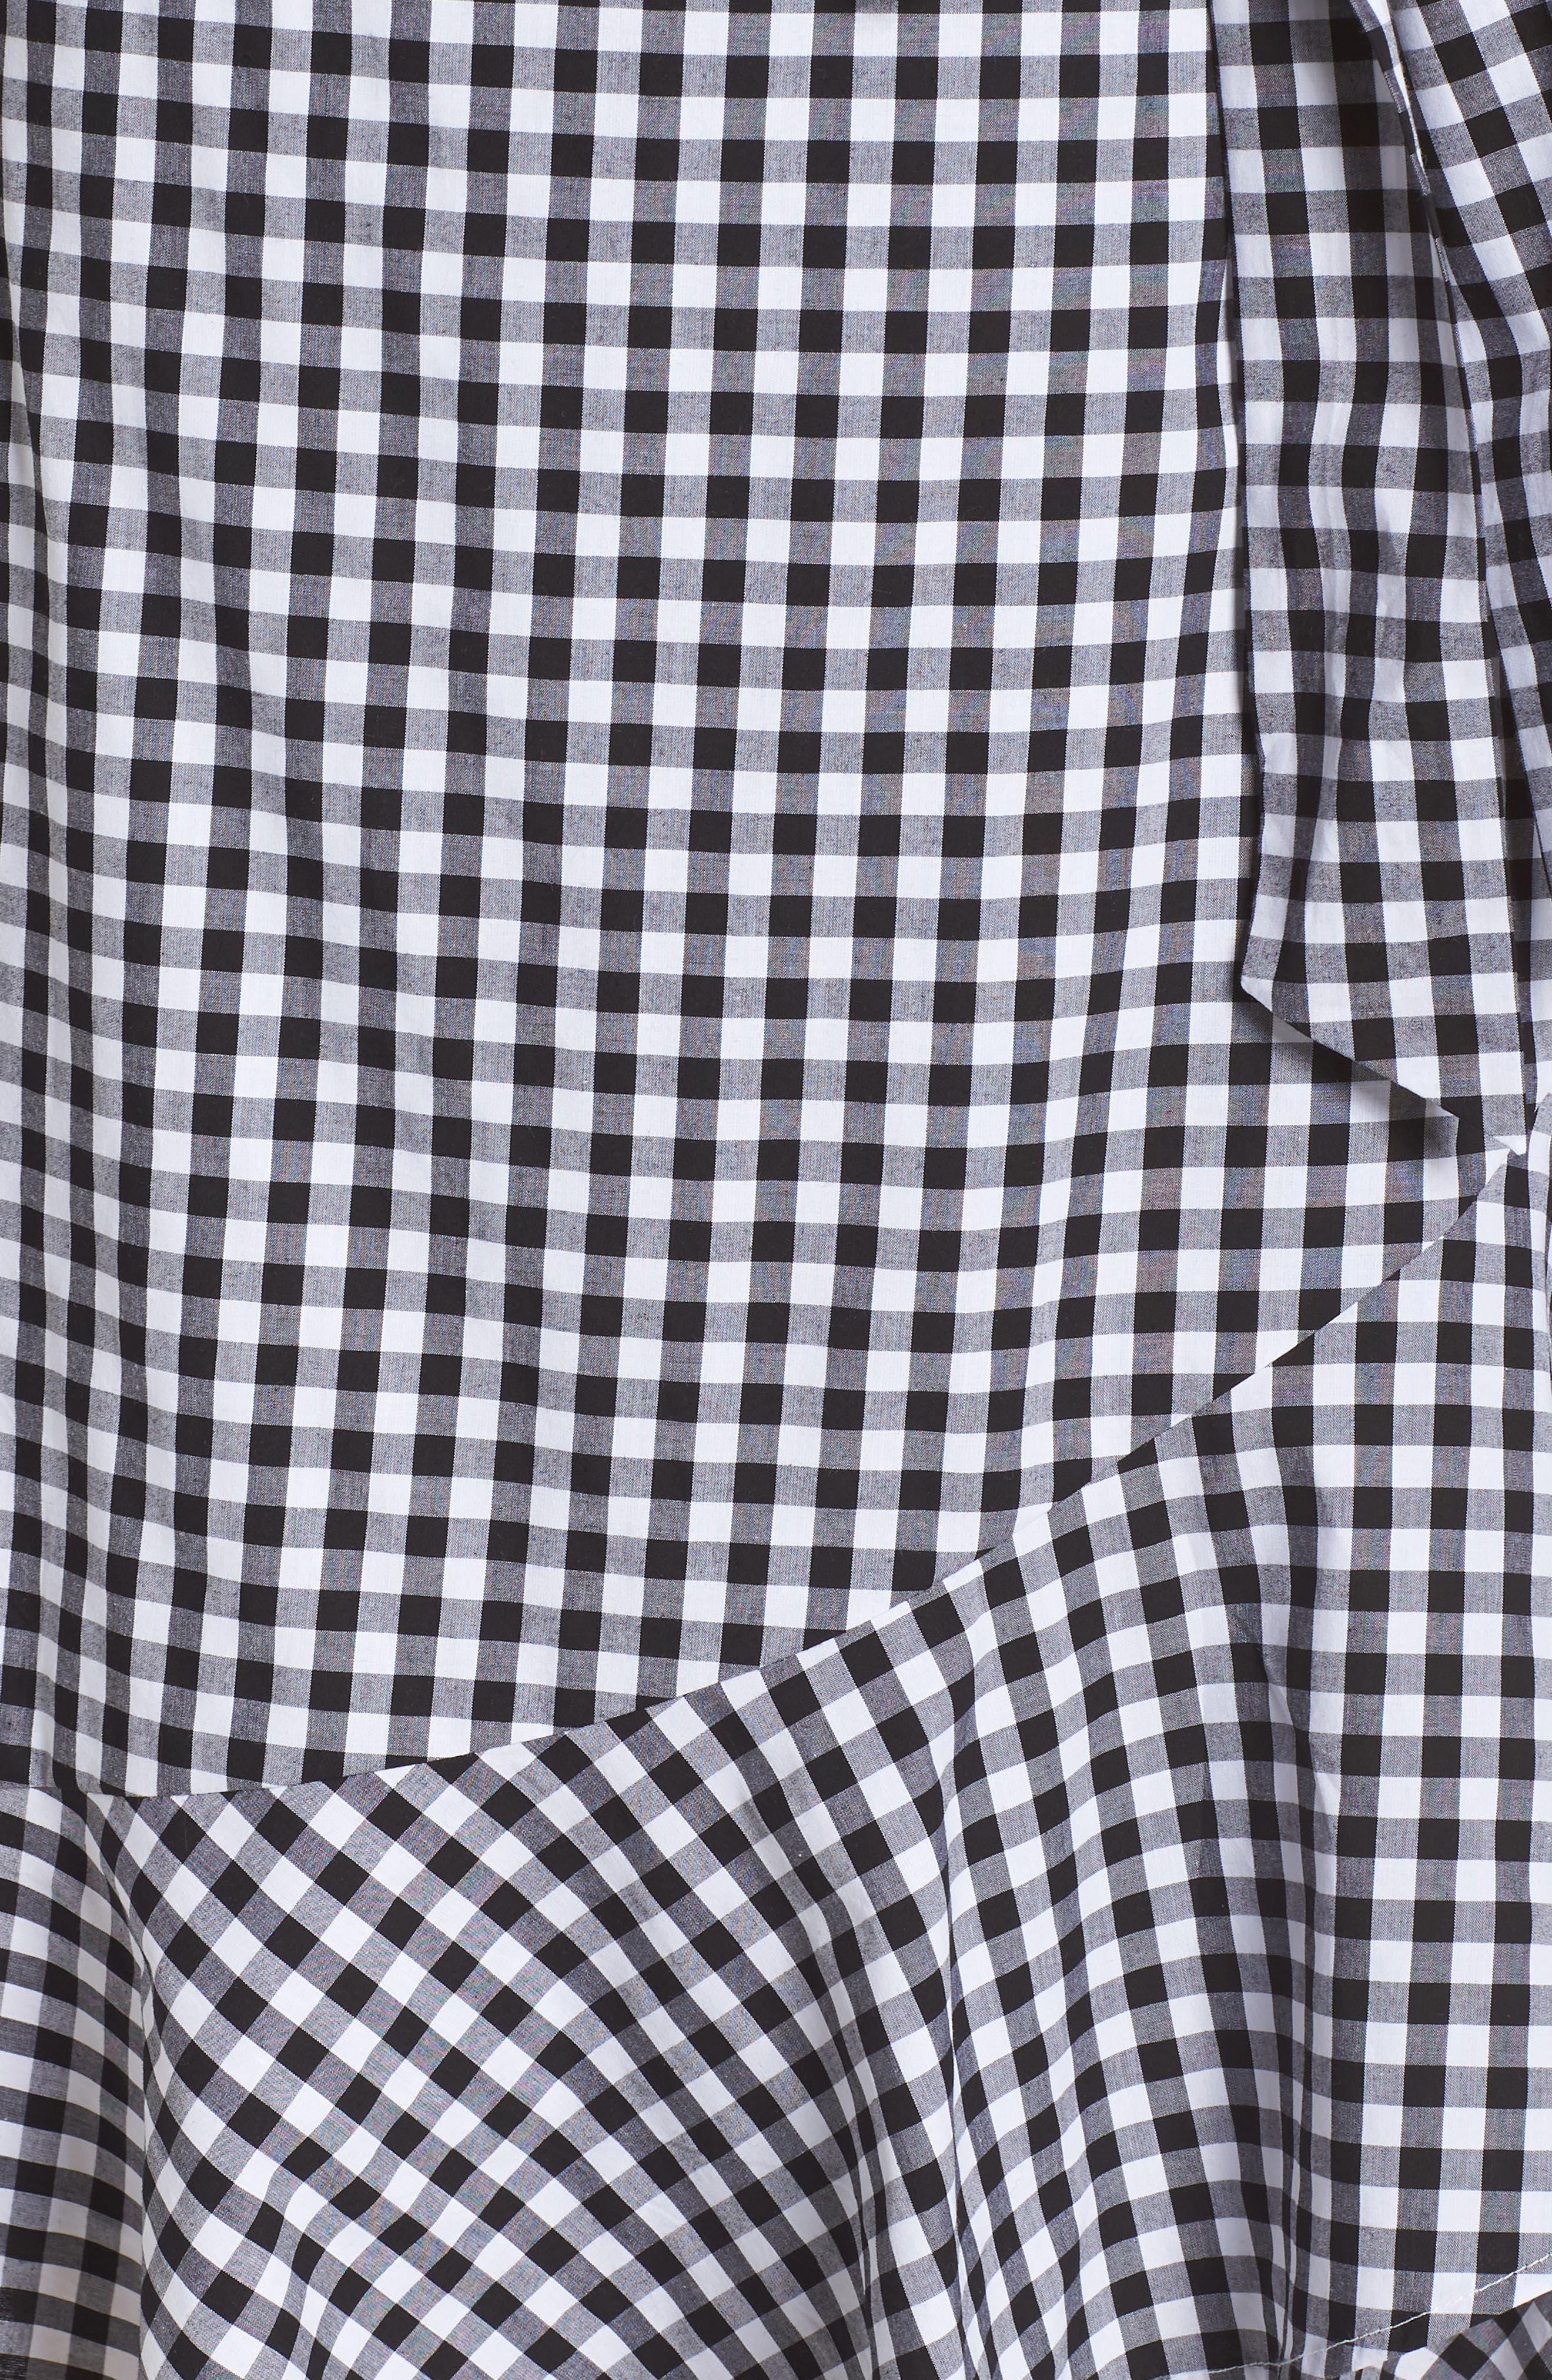 Belted Ruffle Hem Gingham Dress,                             Alternate thumbnail 6, color,                             100